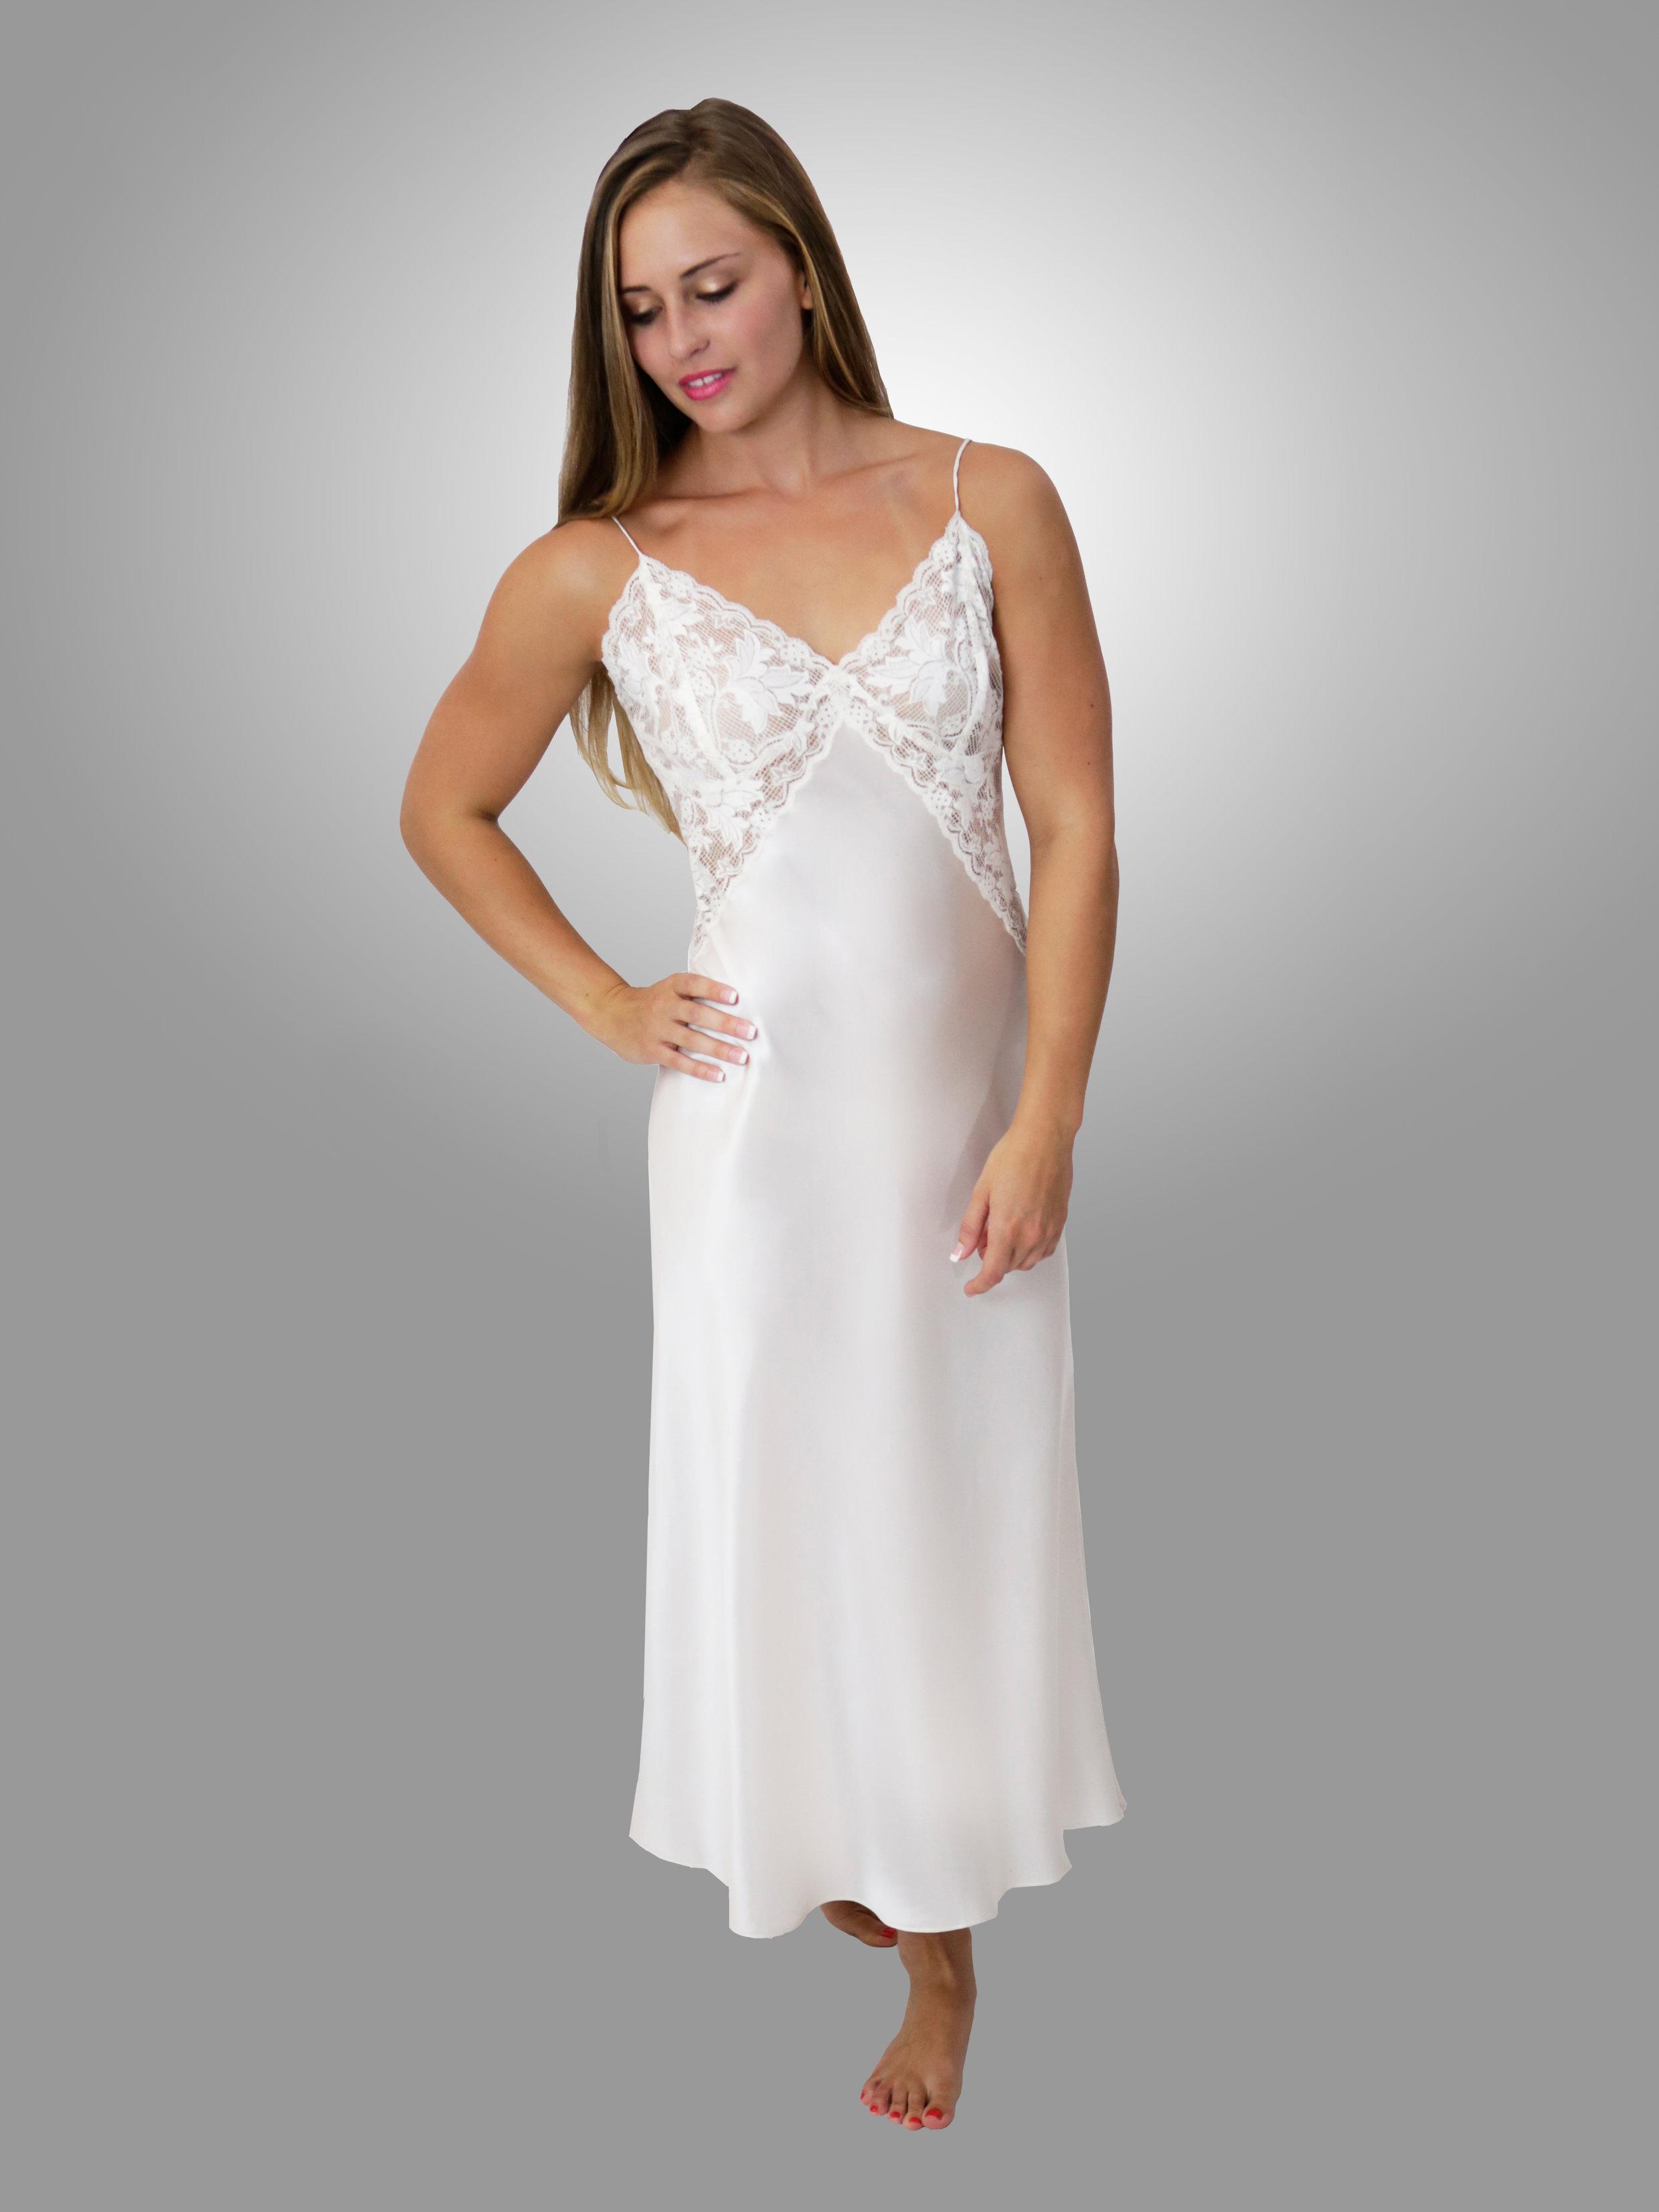 # 511826 - White 2 Long Gown - Website.jpg